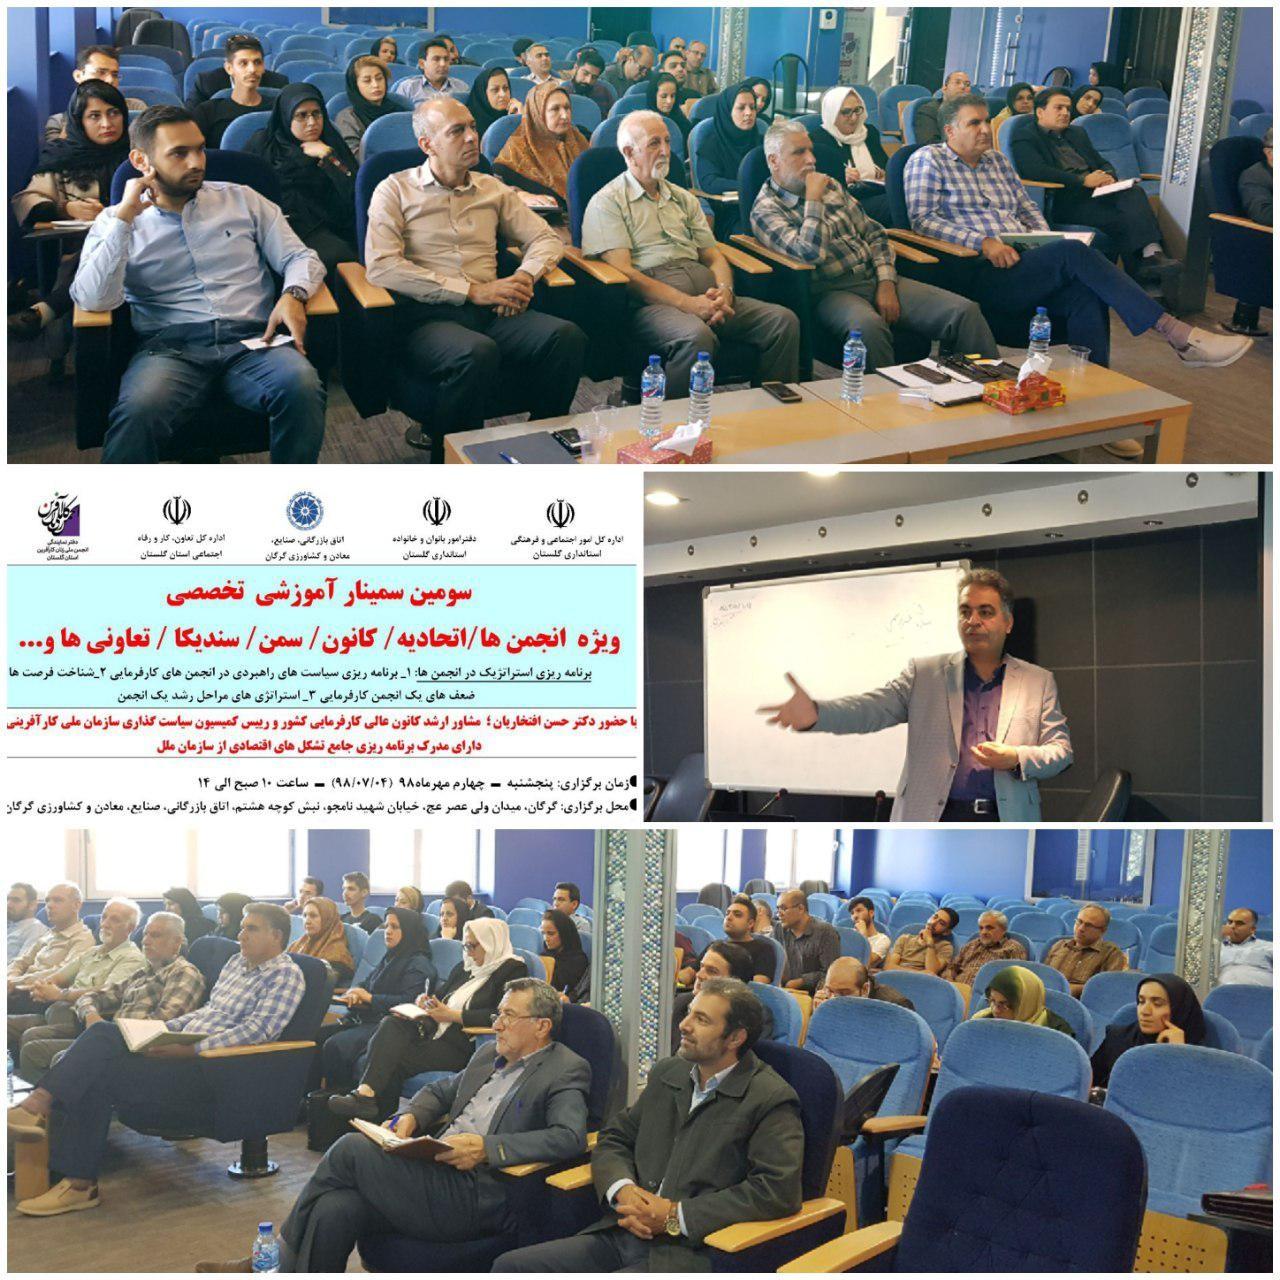 سومین سمینار آموزشی تخصصی ویژه انجمن ها / سمن / سندیکاها